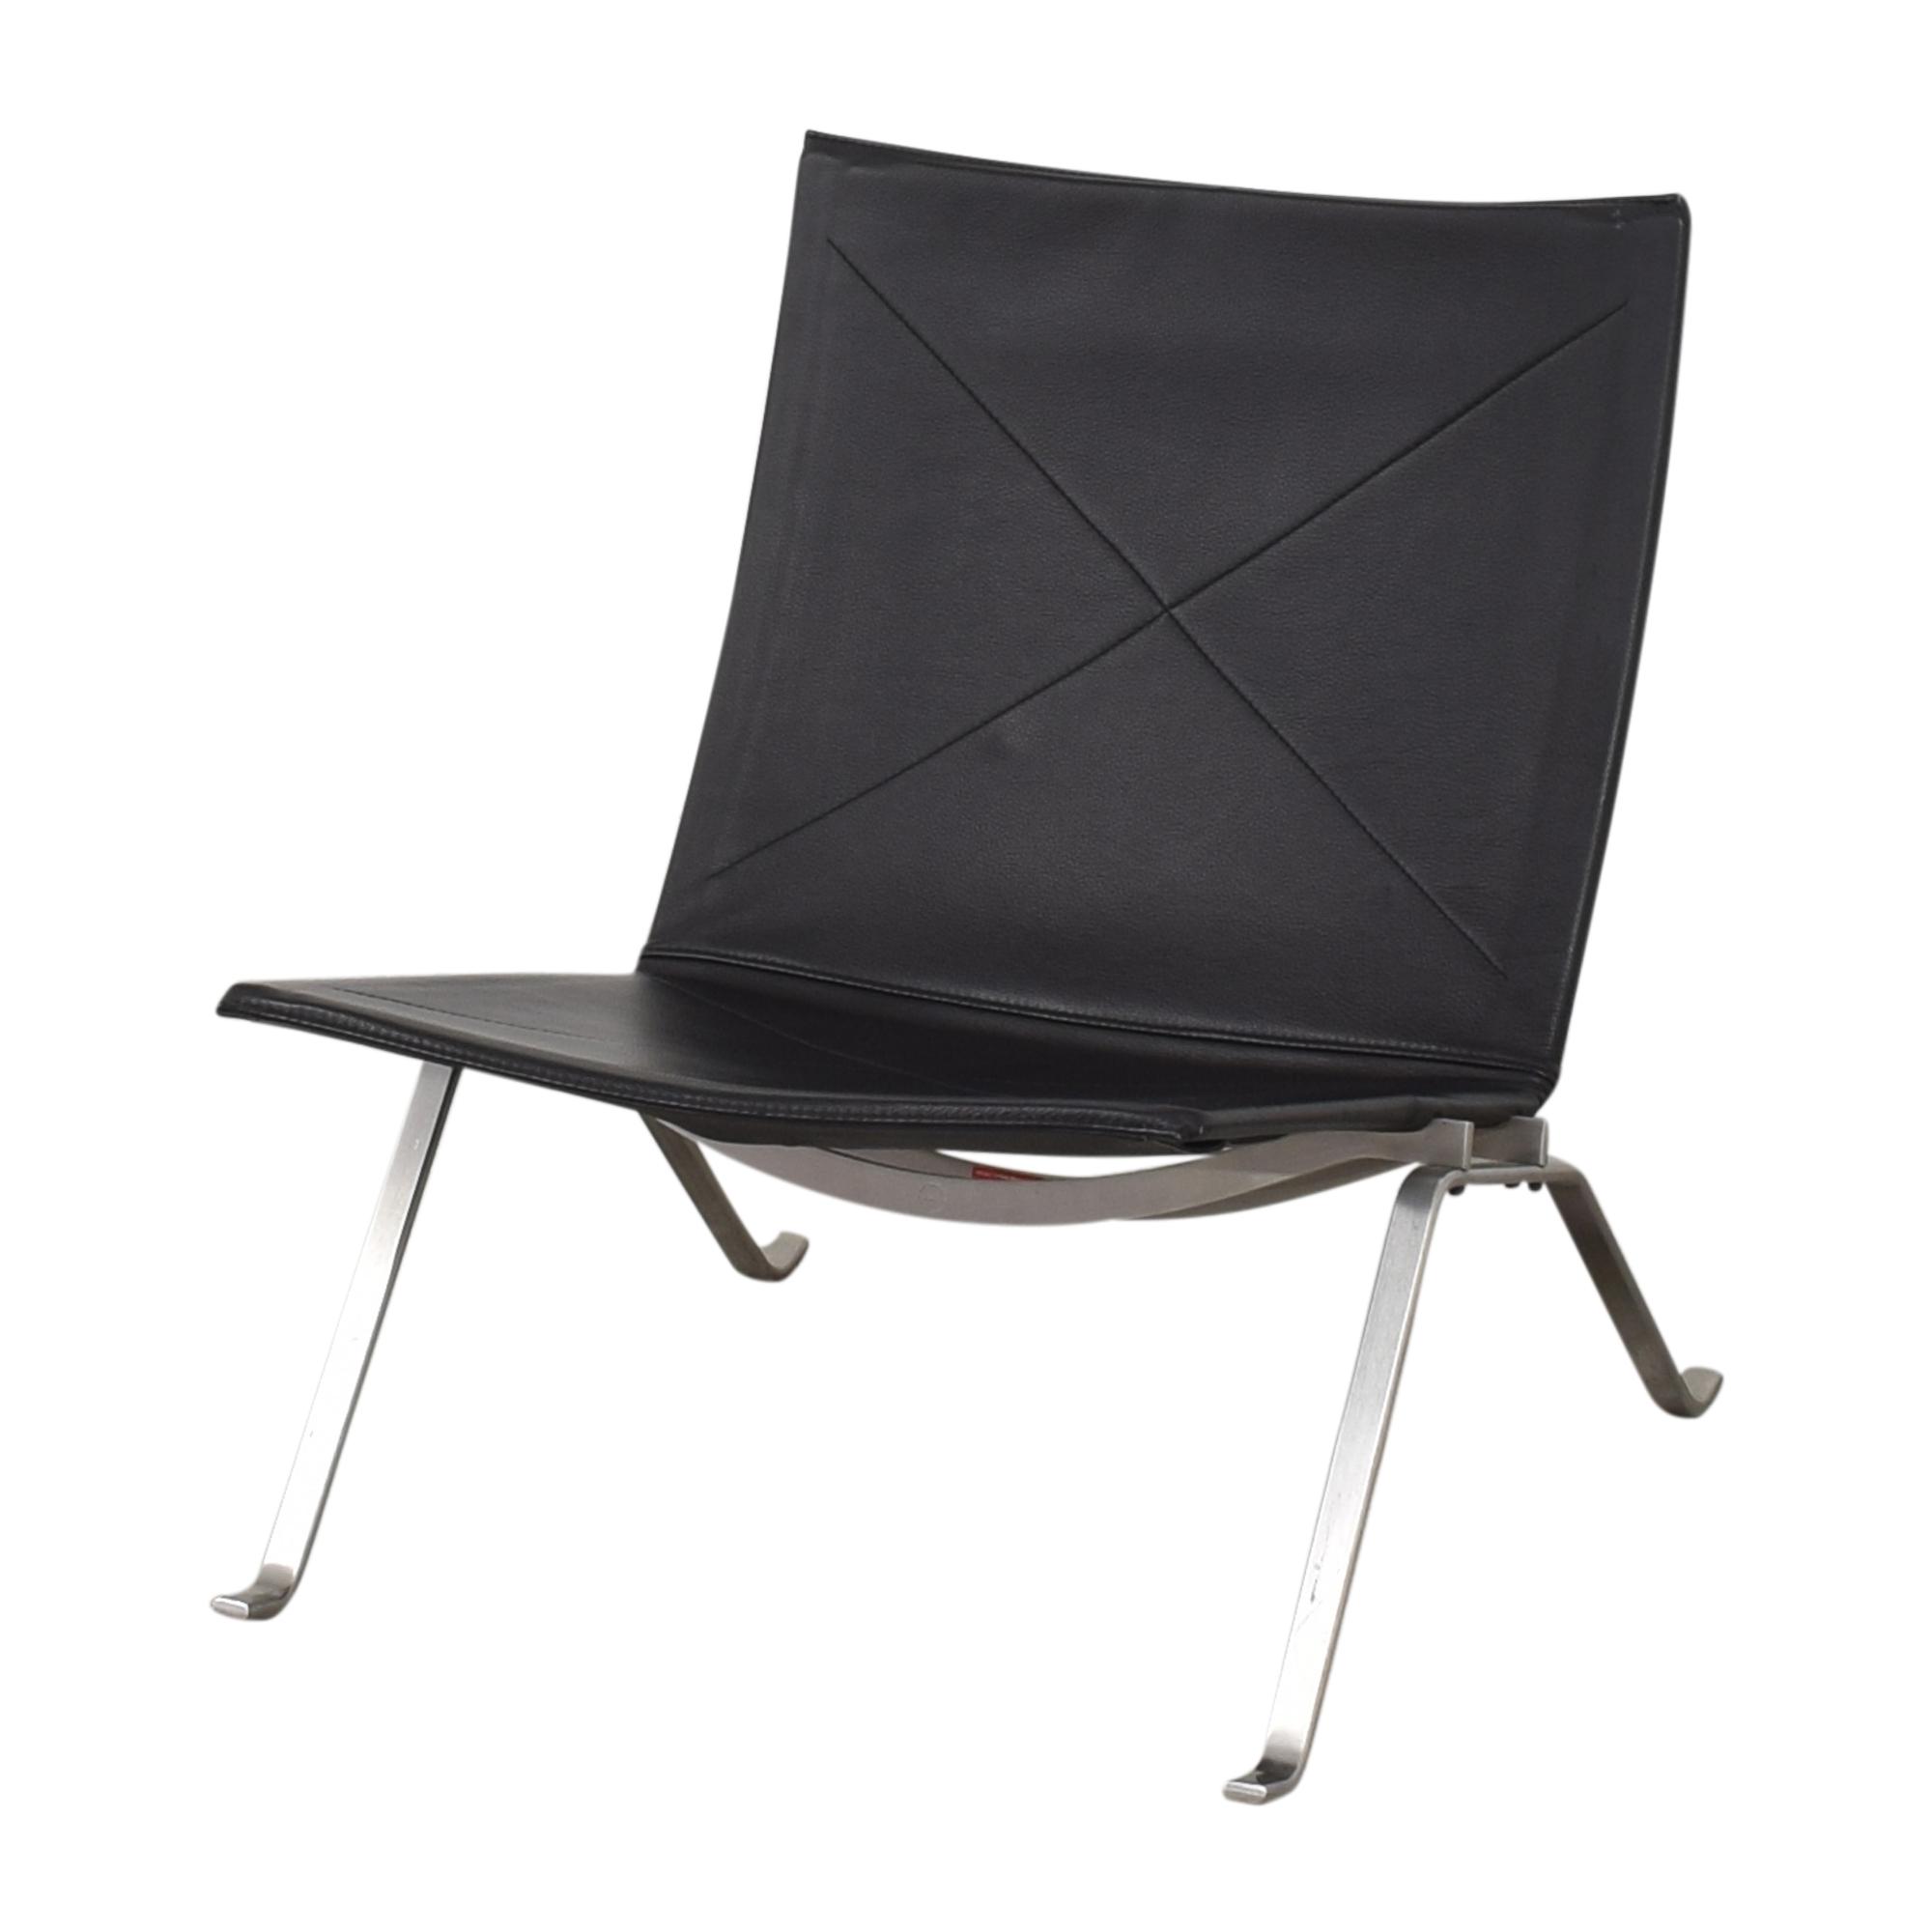 Fritz Hansen Poul Kjaerholm PK22 Modern Chair / Chairs